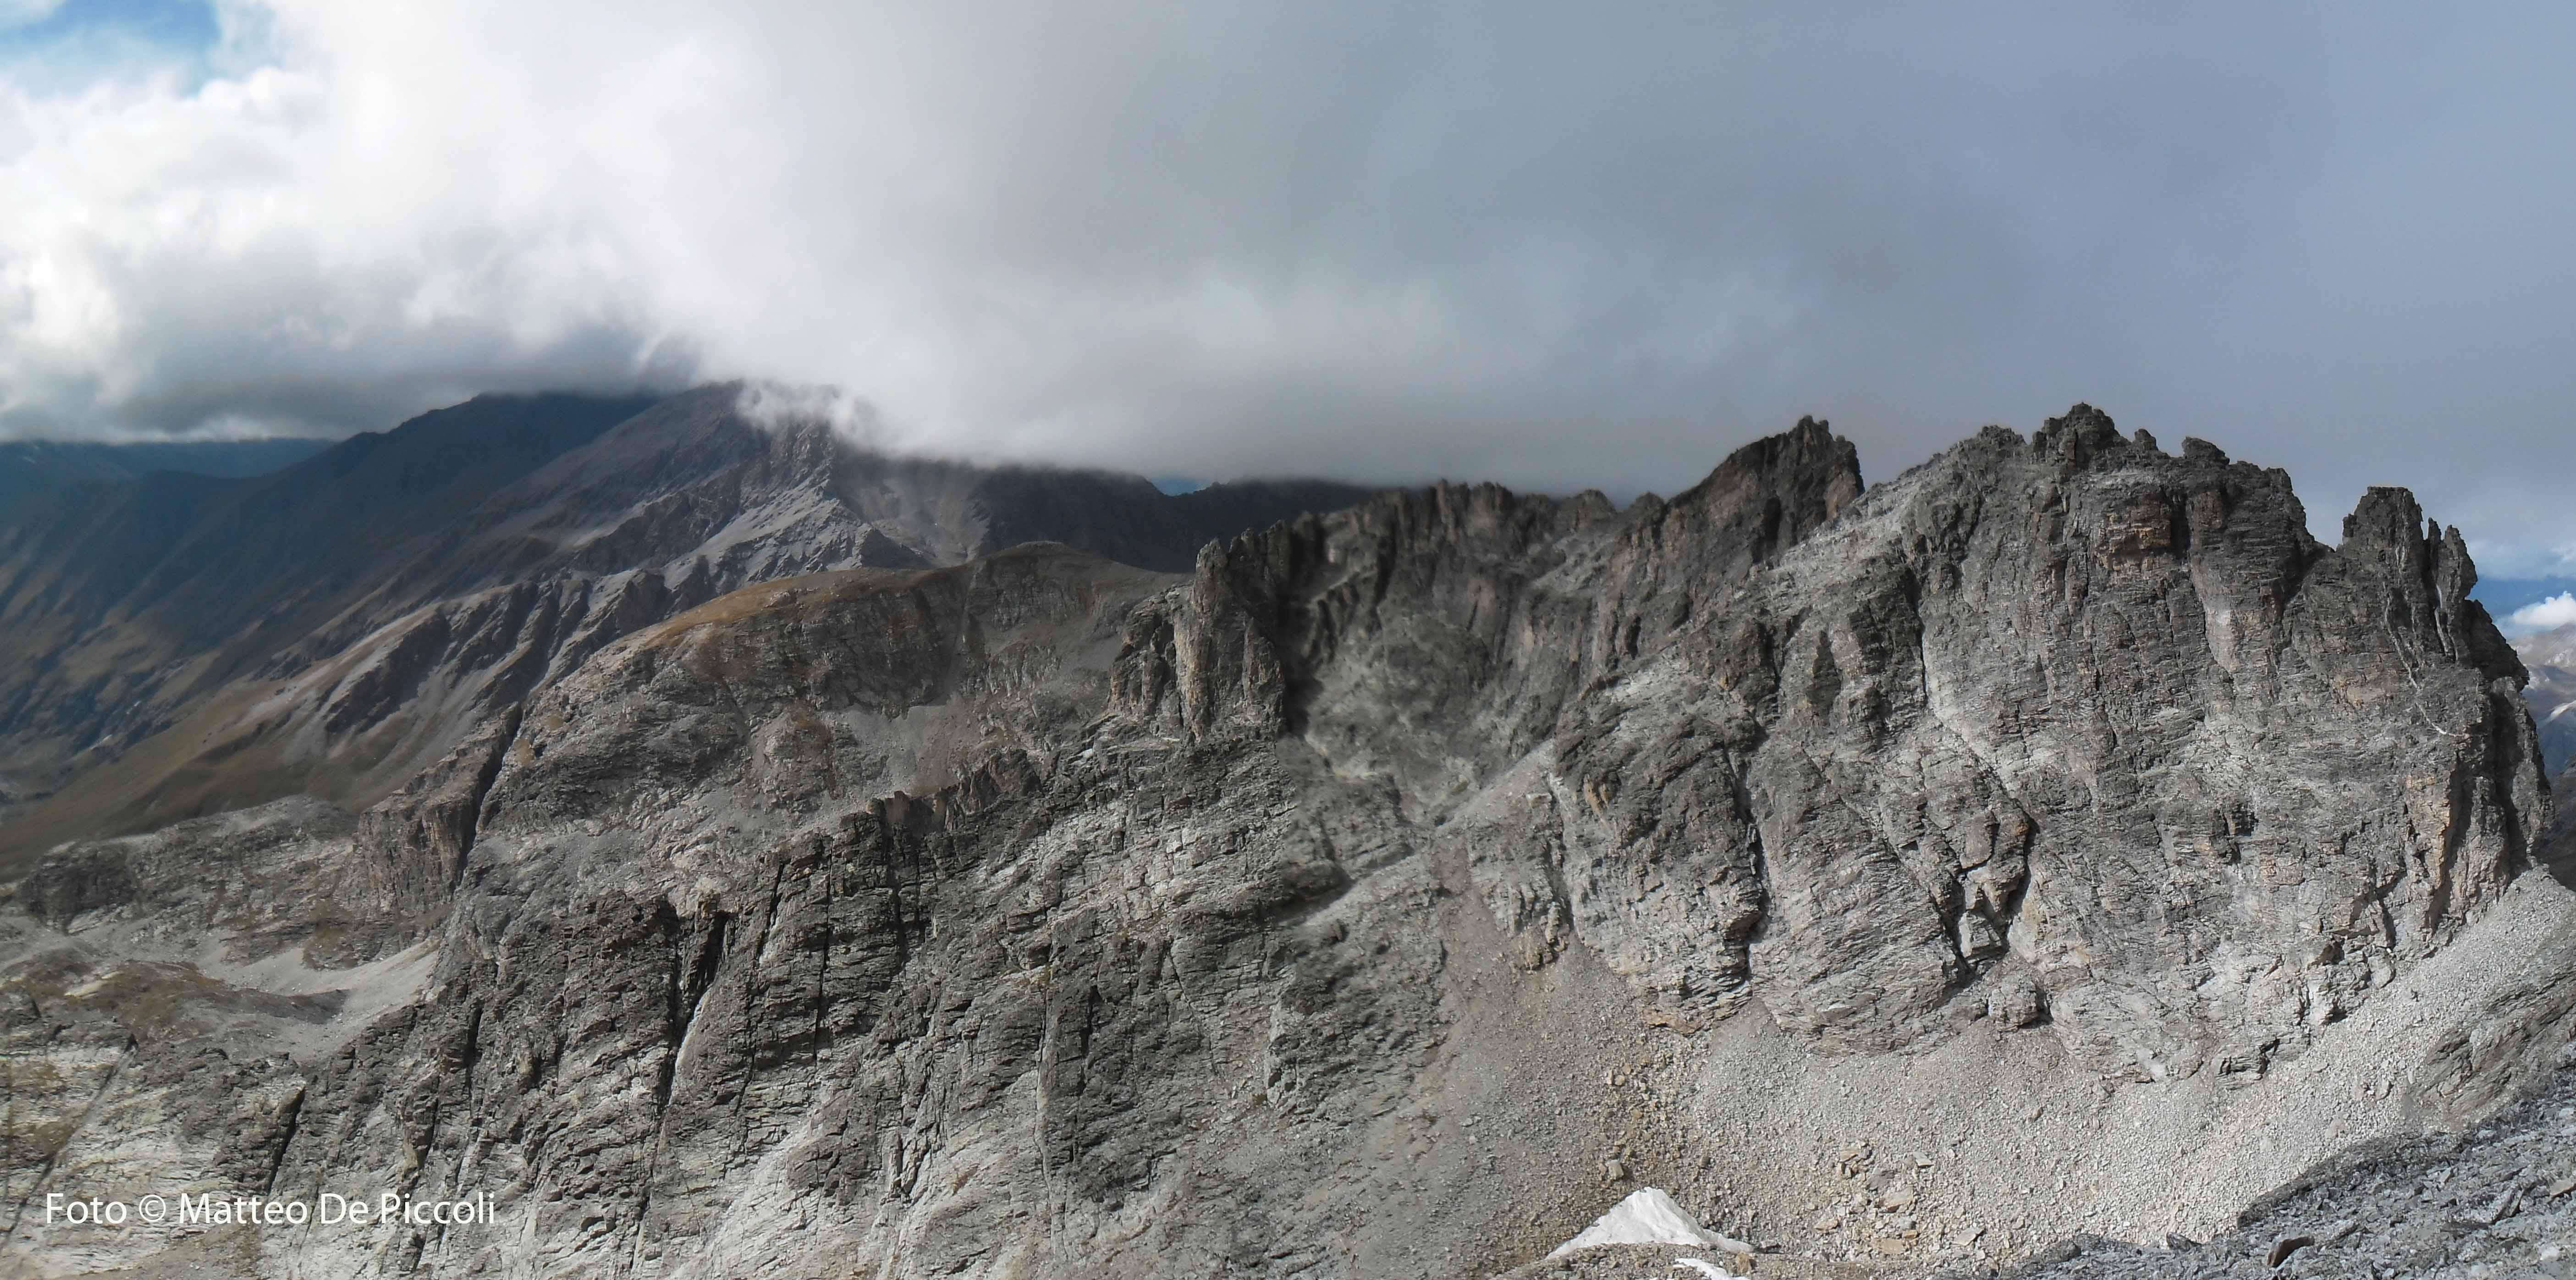 A sx del Passo Rognosa, tutto a dx, Cima de Rocher Cornurs, cresta del Gros Peyron e Pierre Menue tra le nuvole